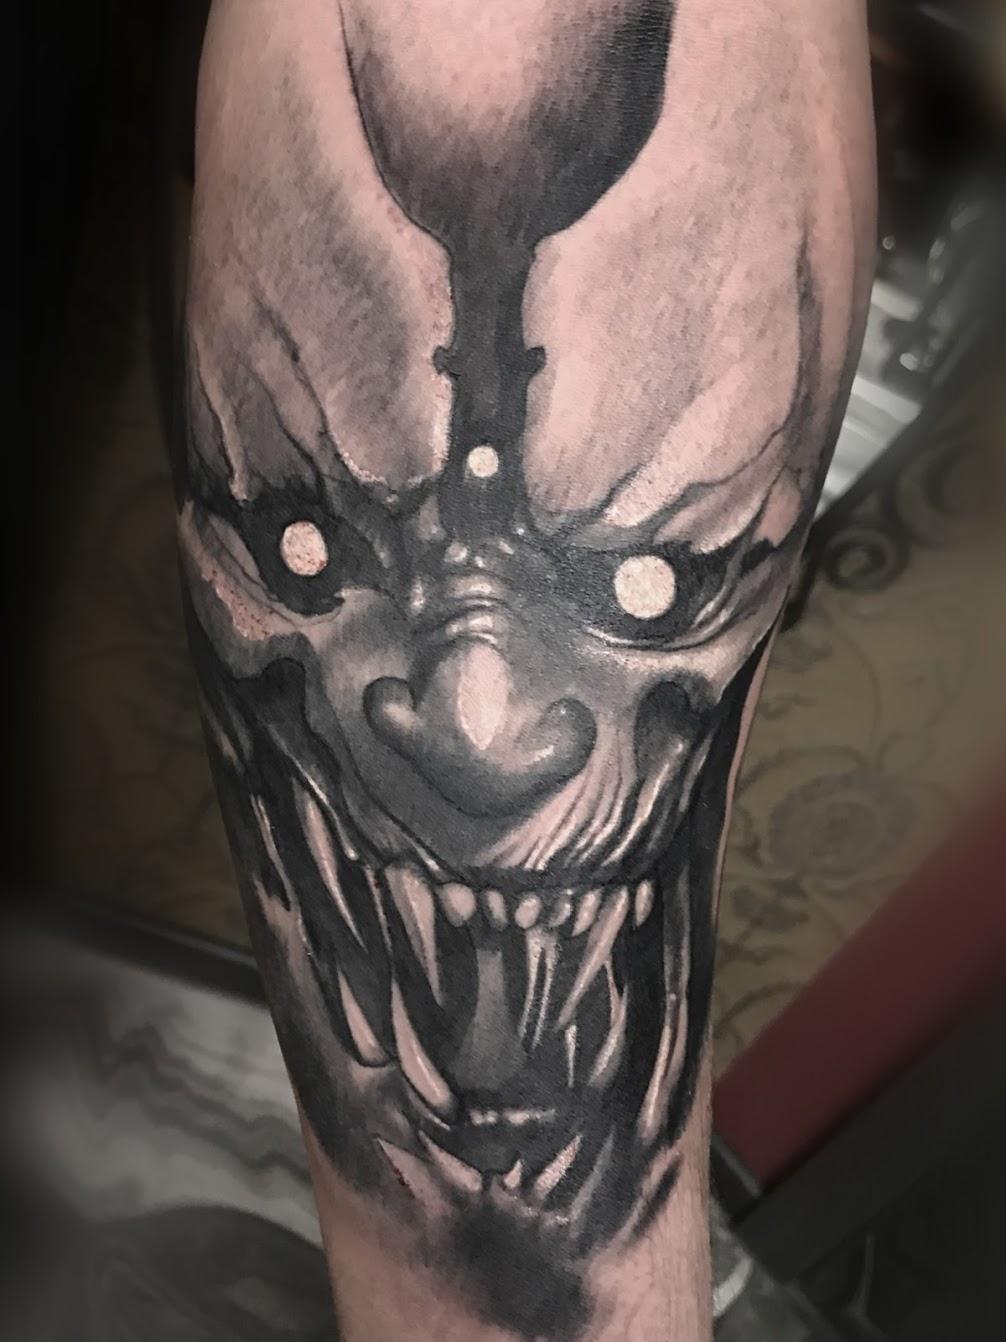 Tattoo-Horror-Clown